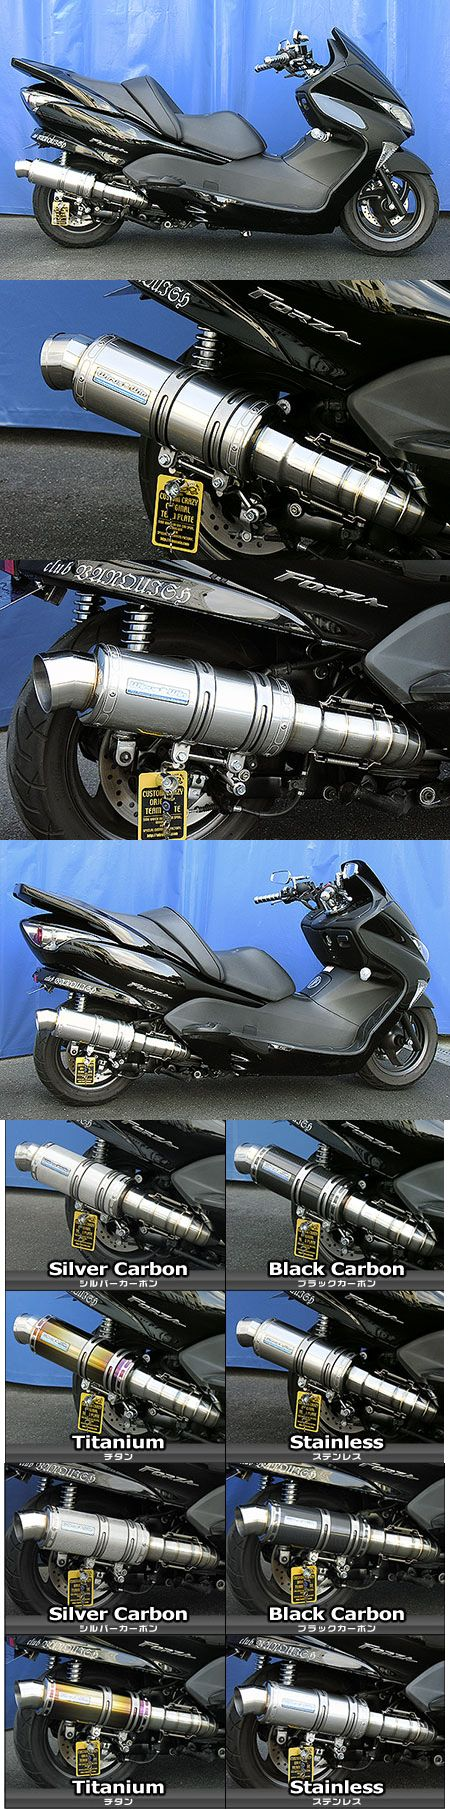 【WirusWin】Premium全段排氣管 不鏽鋼款式 重低音版 - 「Webike-摩托百貨」